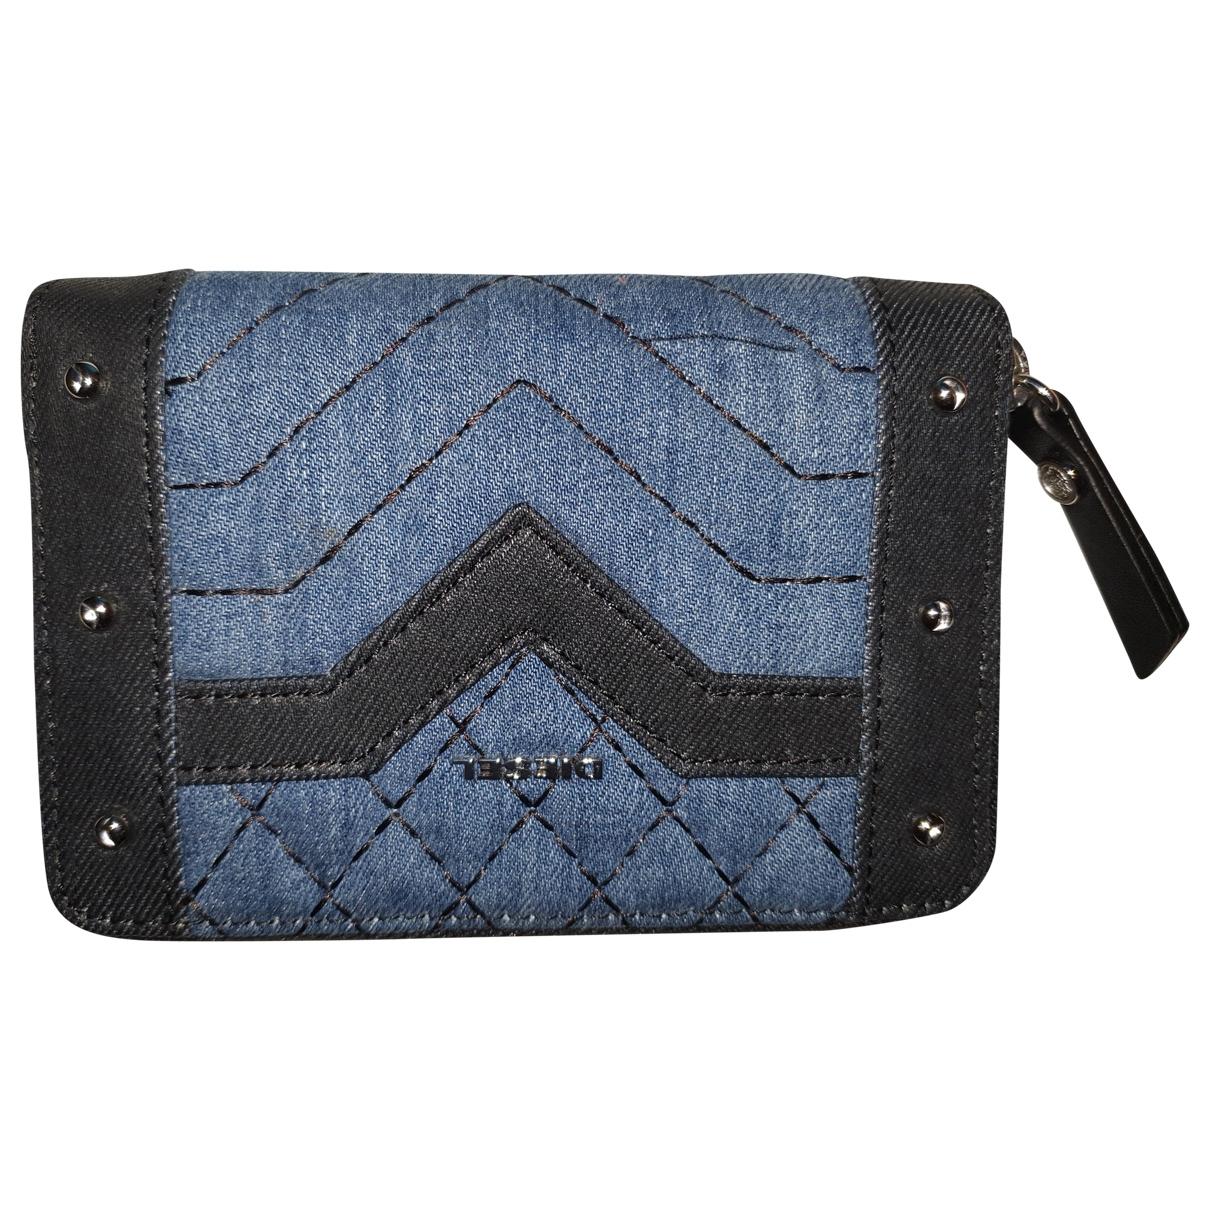 Diesel \N Blue Denim - Jeans Purses, wallet & cases for Women \N